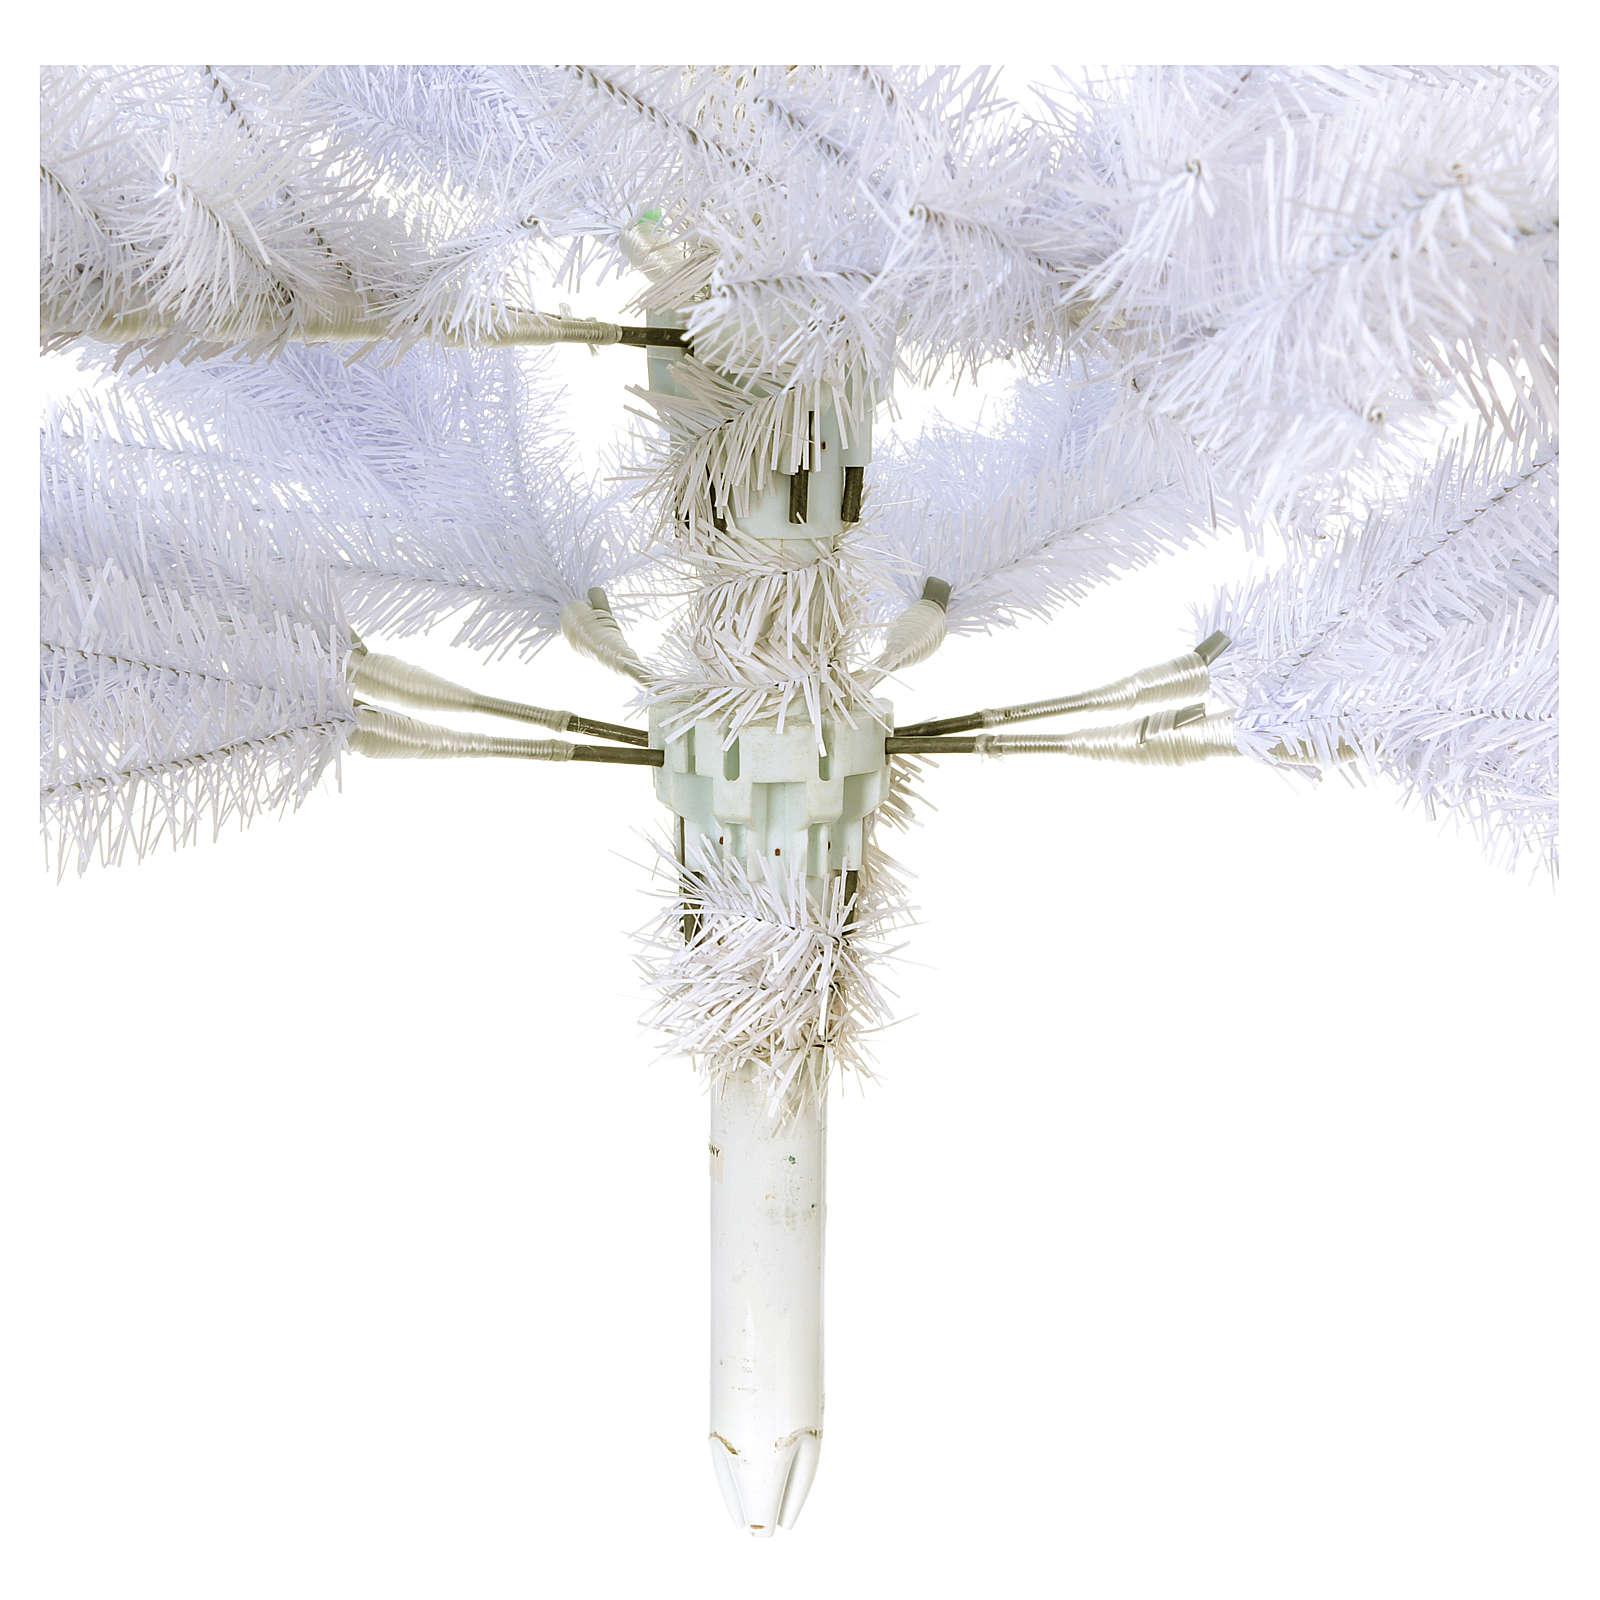 Árbol de Navidad 180 cm Slim blanco Dunhill 3